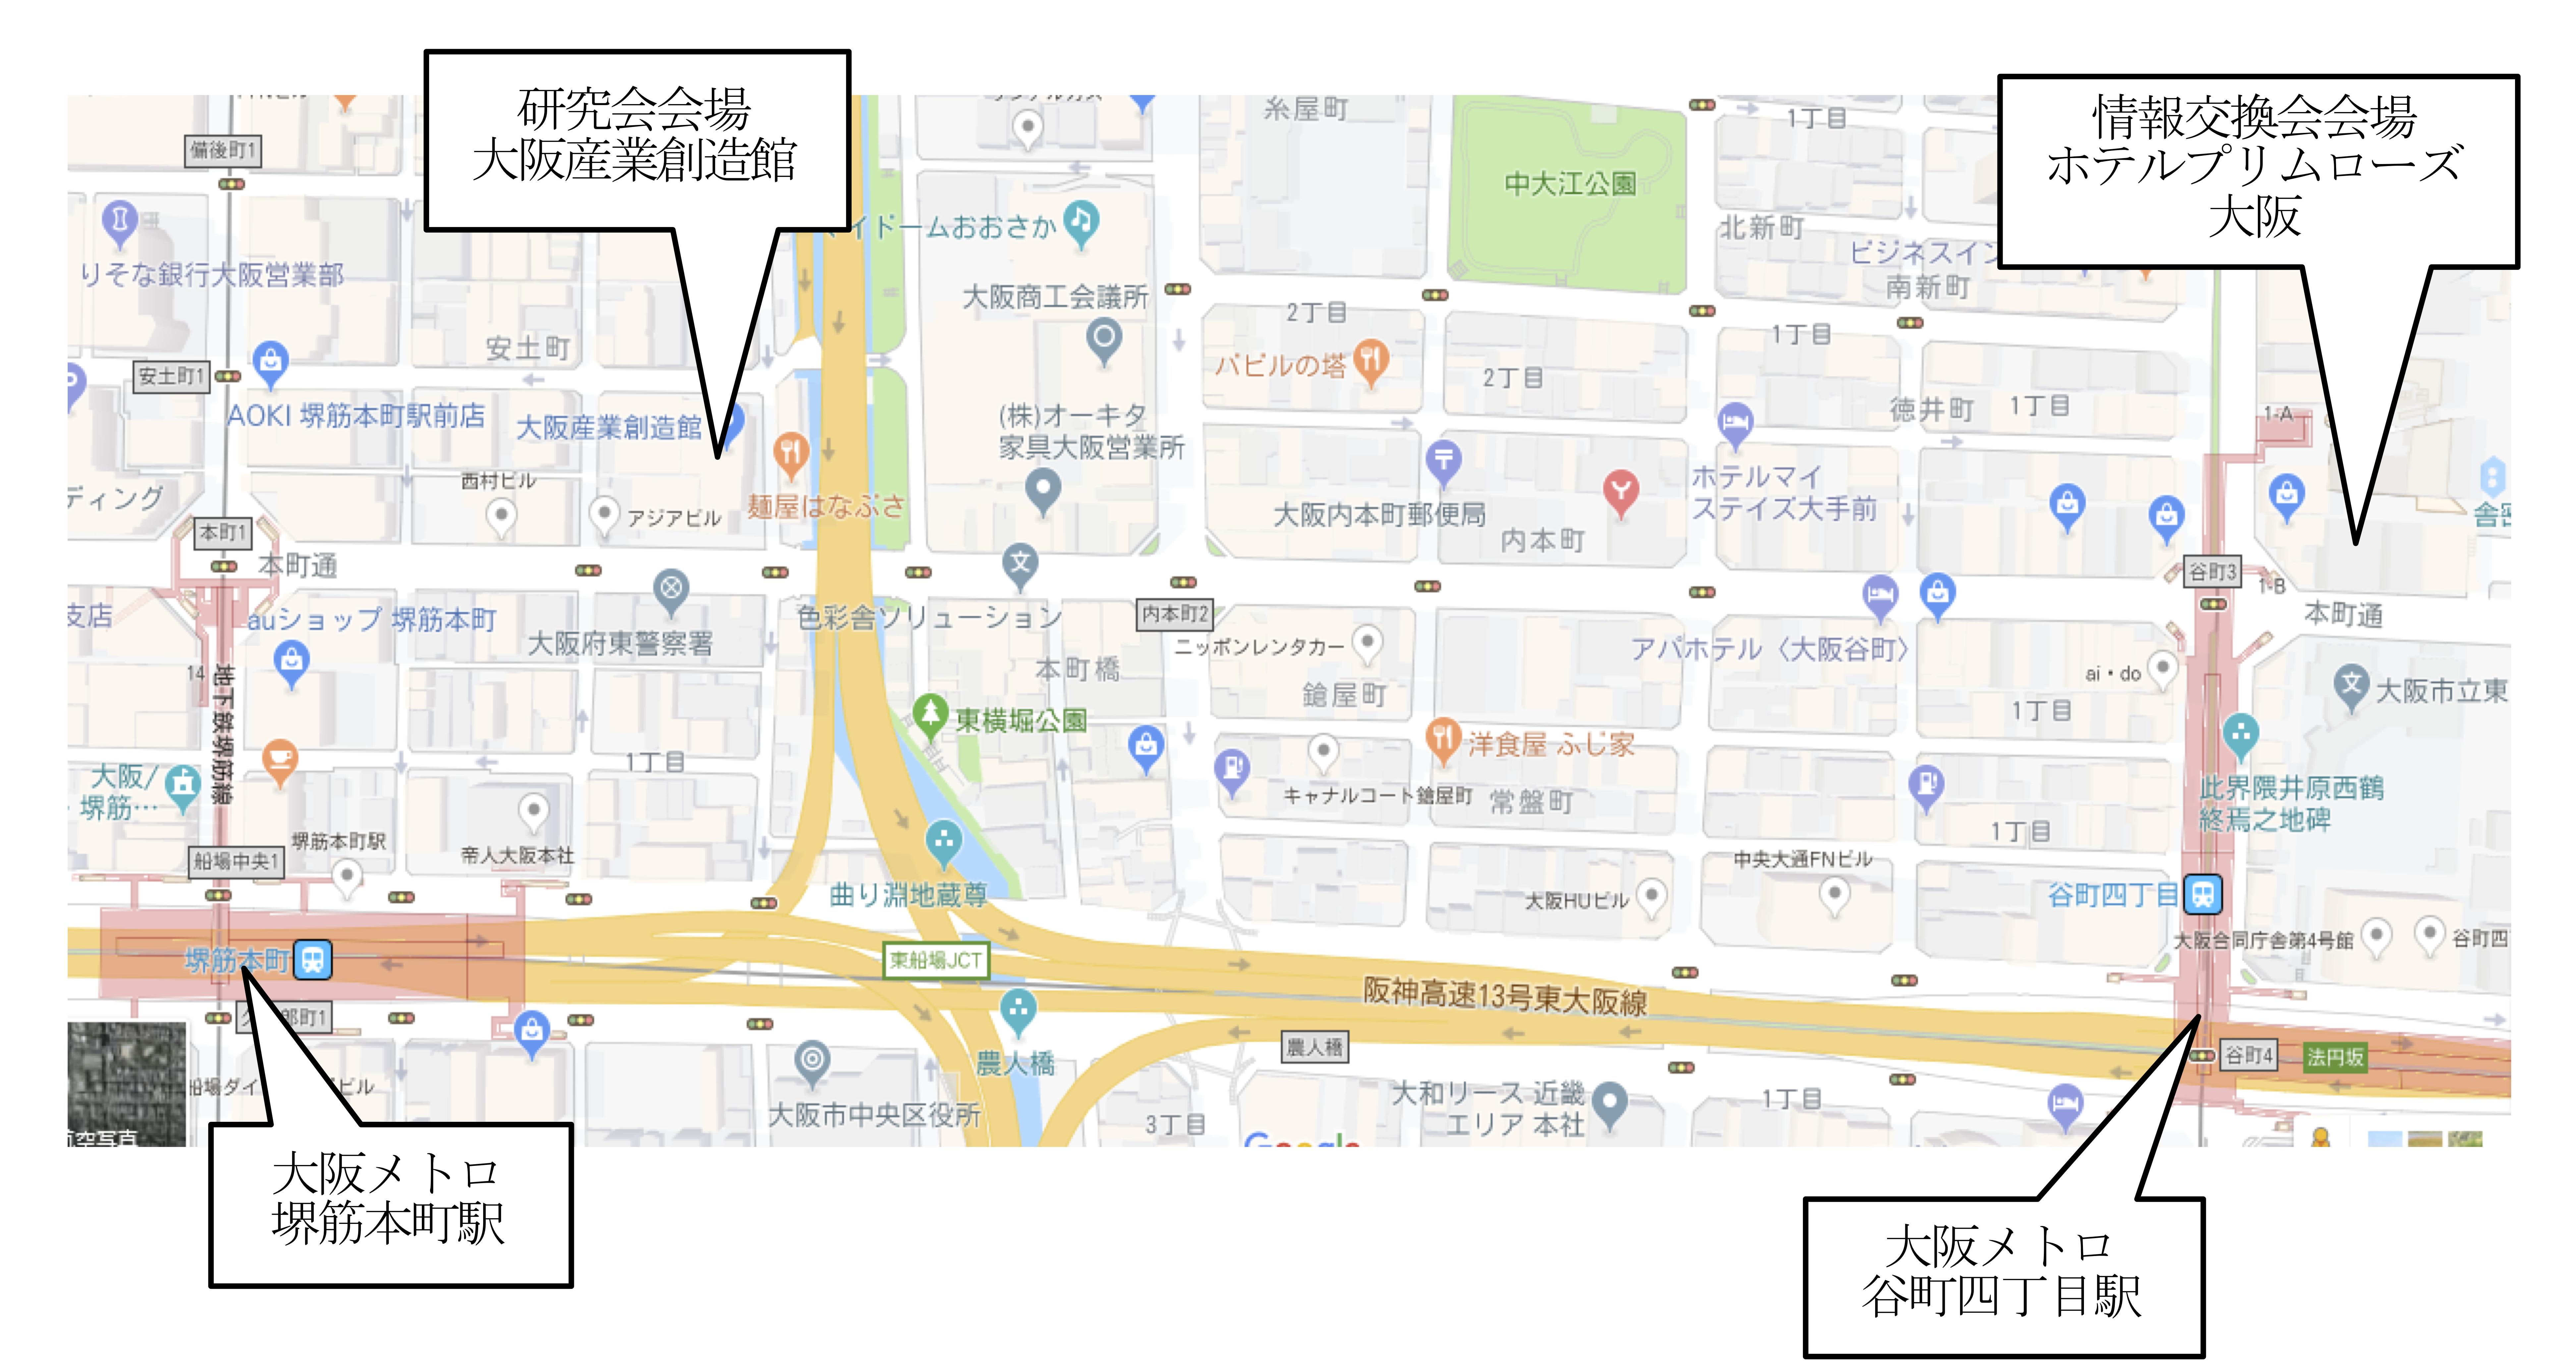 大阪大会会場図